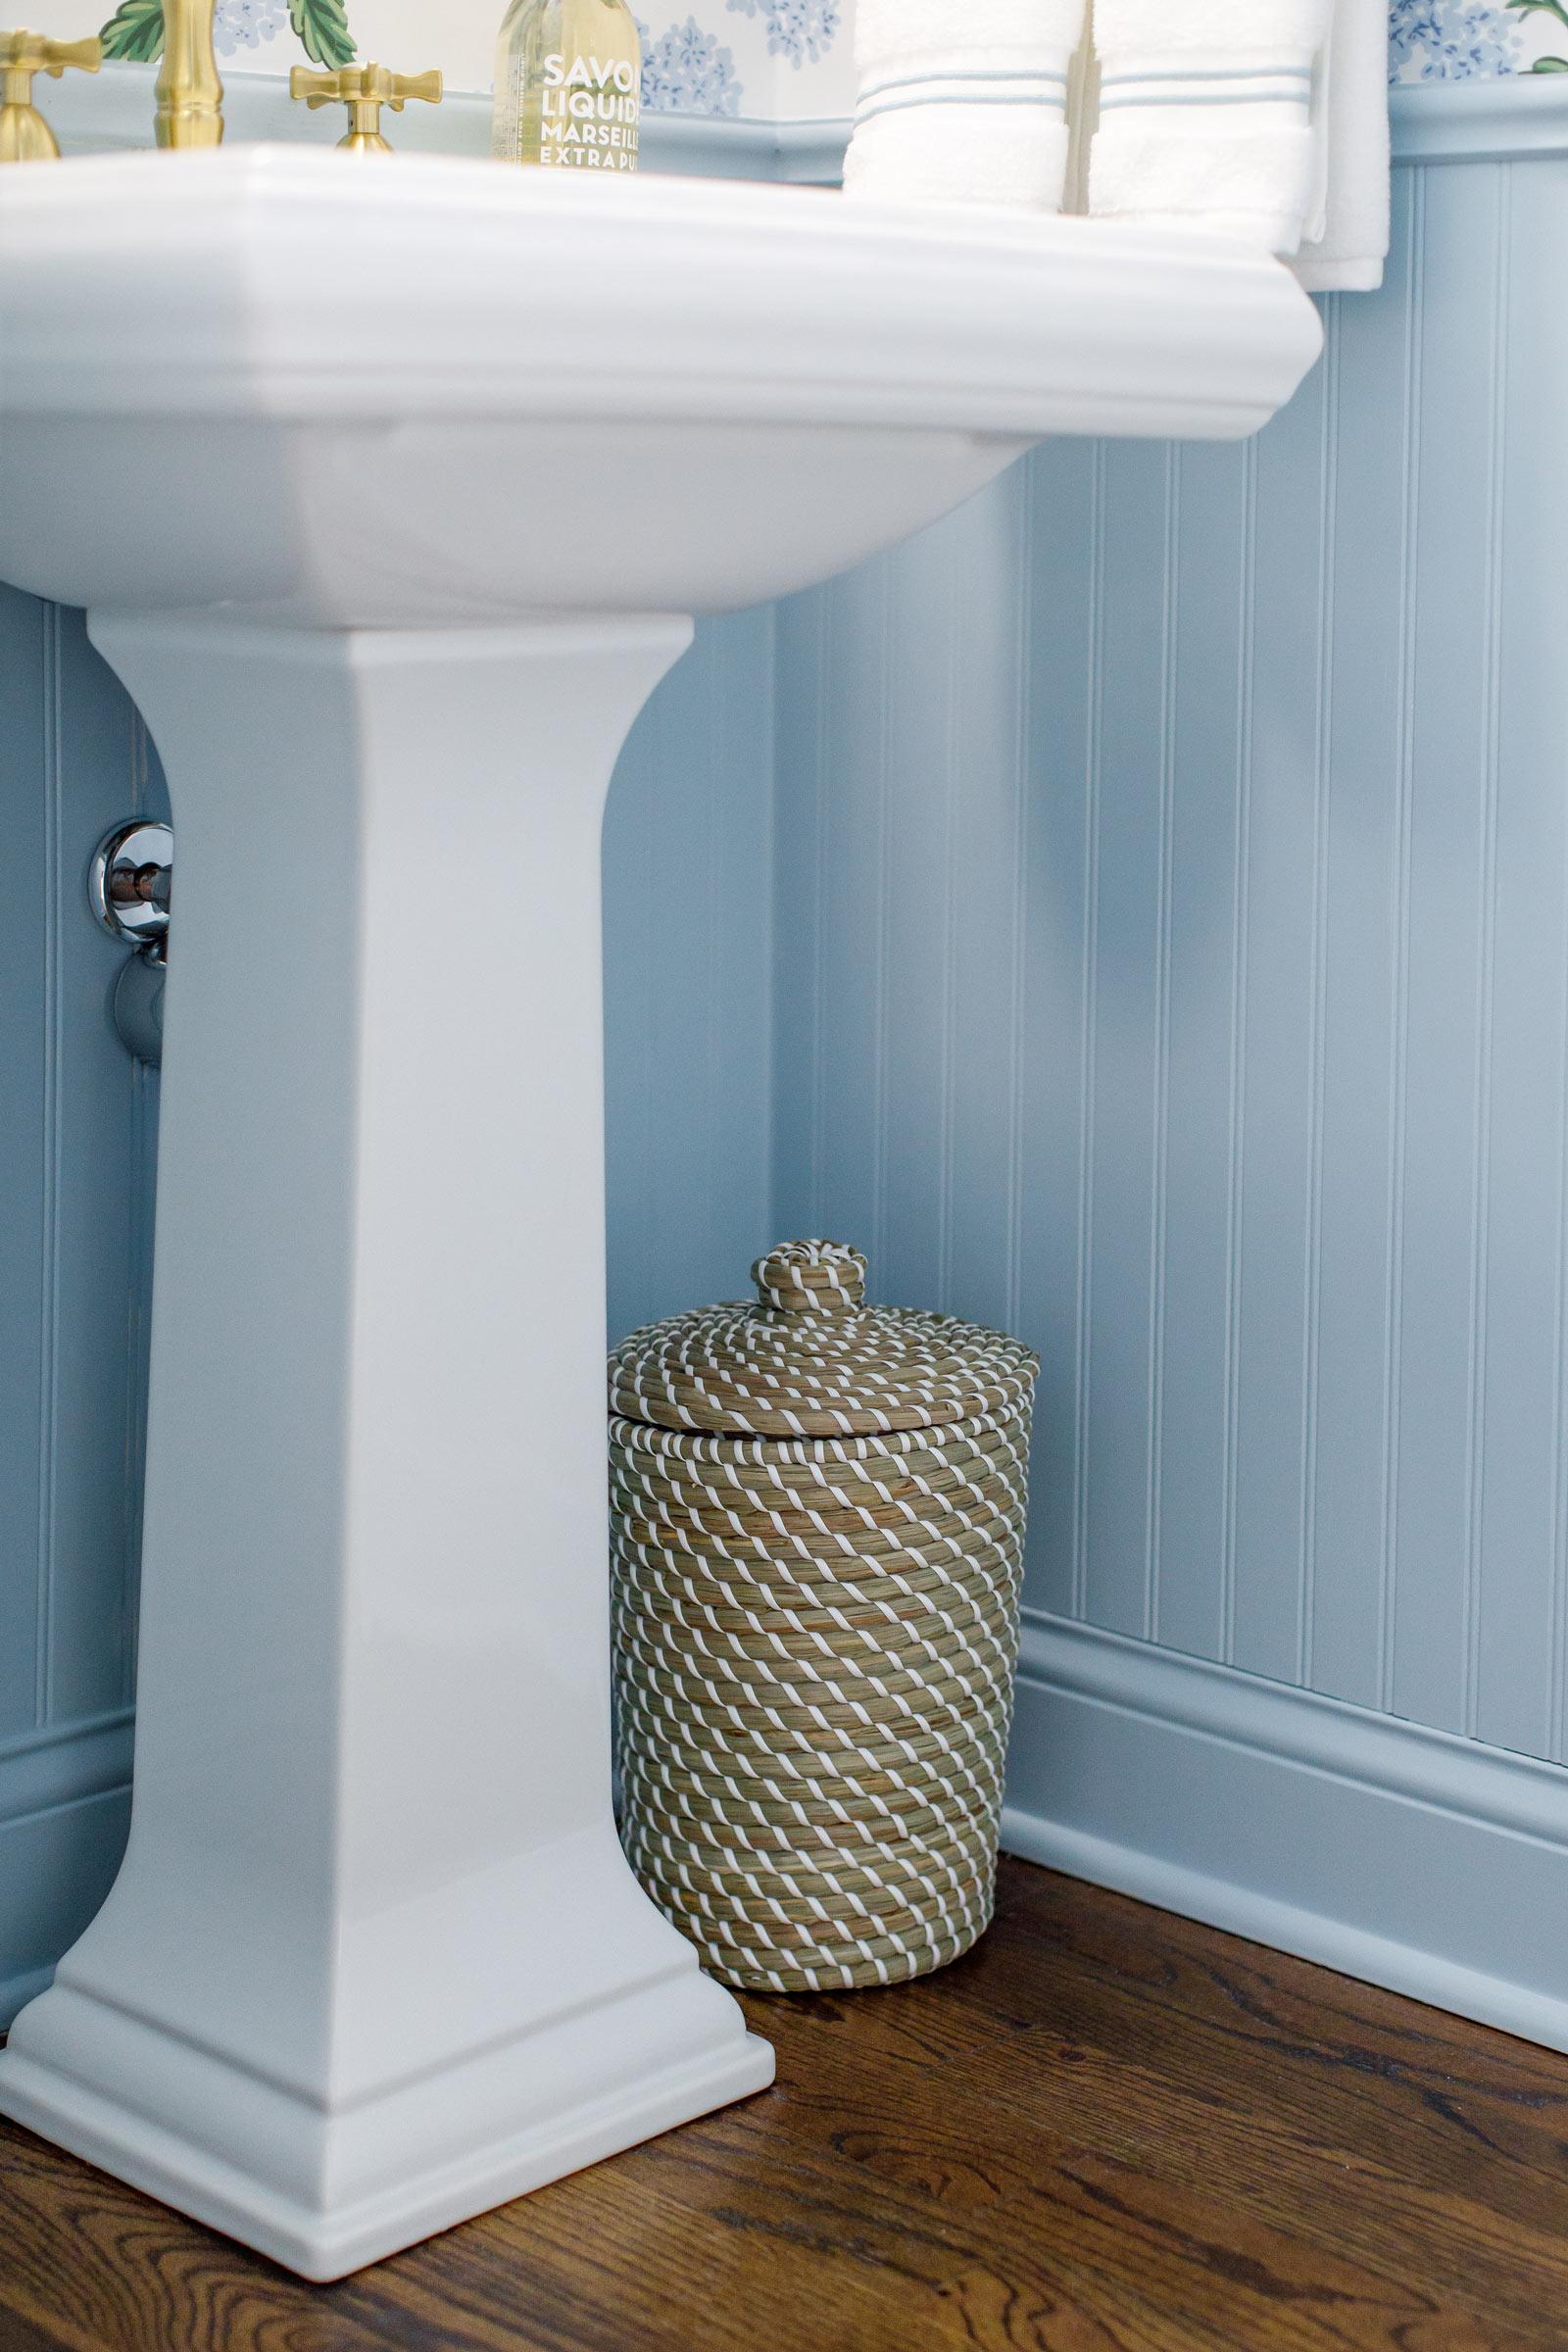 Target Opalhouse Lidded Wastepaper Basket